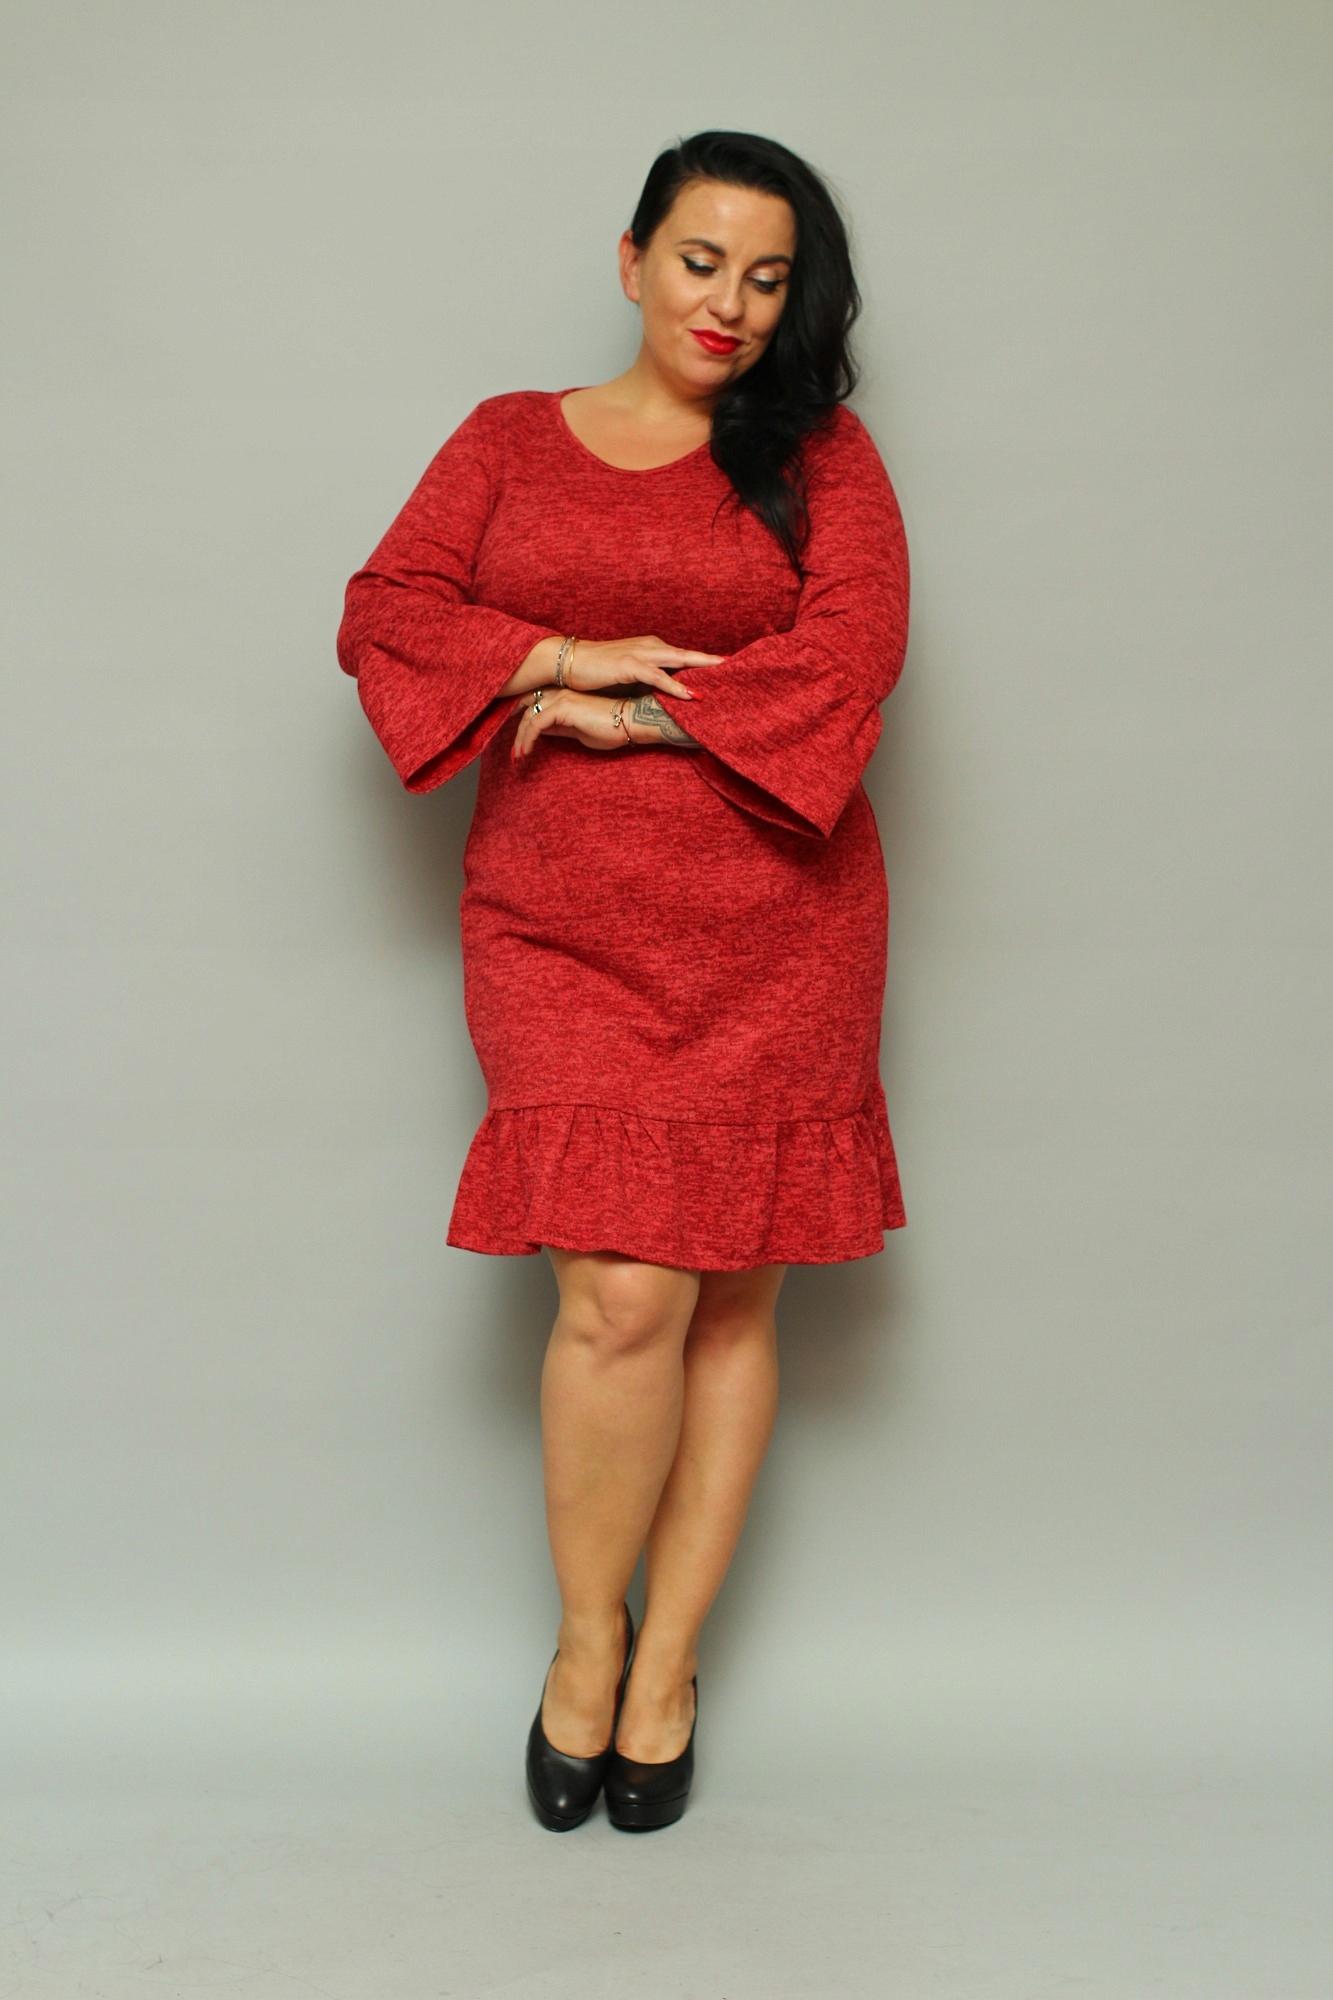 632e431401 Sukienka LUIZA angora z falbaną czerwona 52 - 7632041279 - oficjalne ...